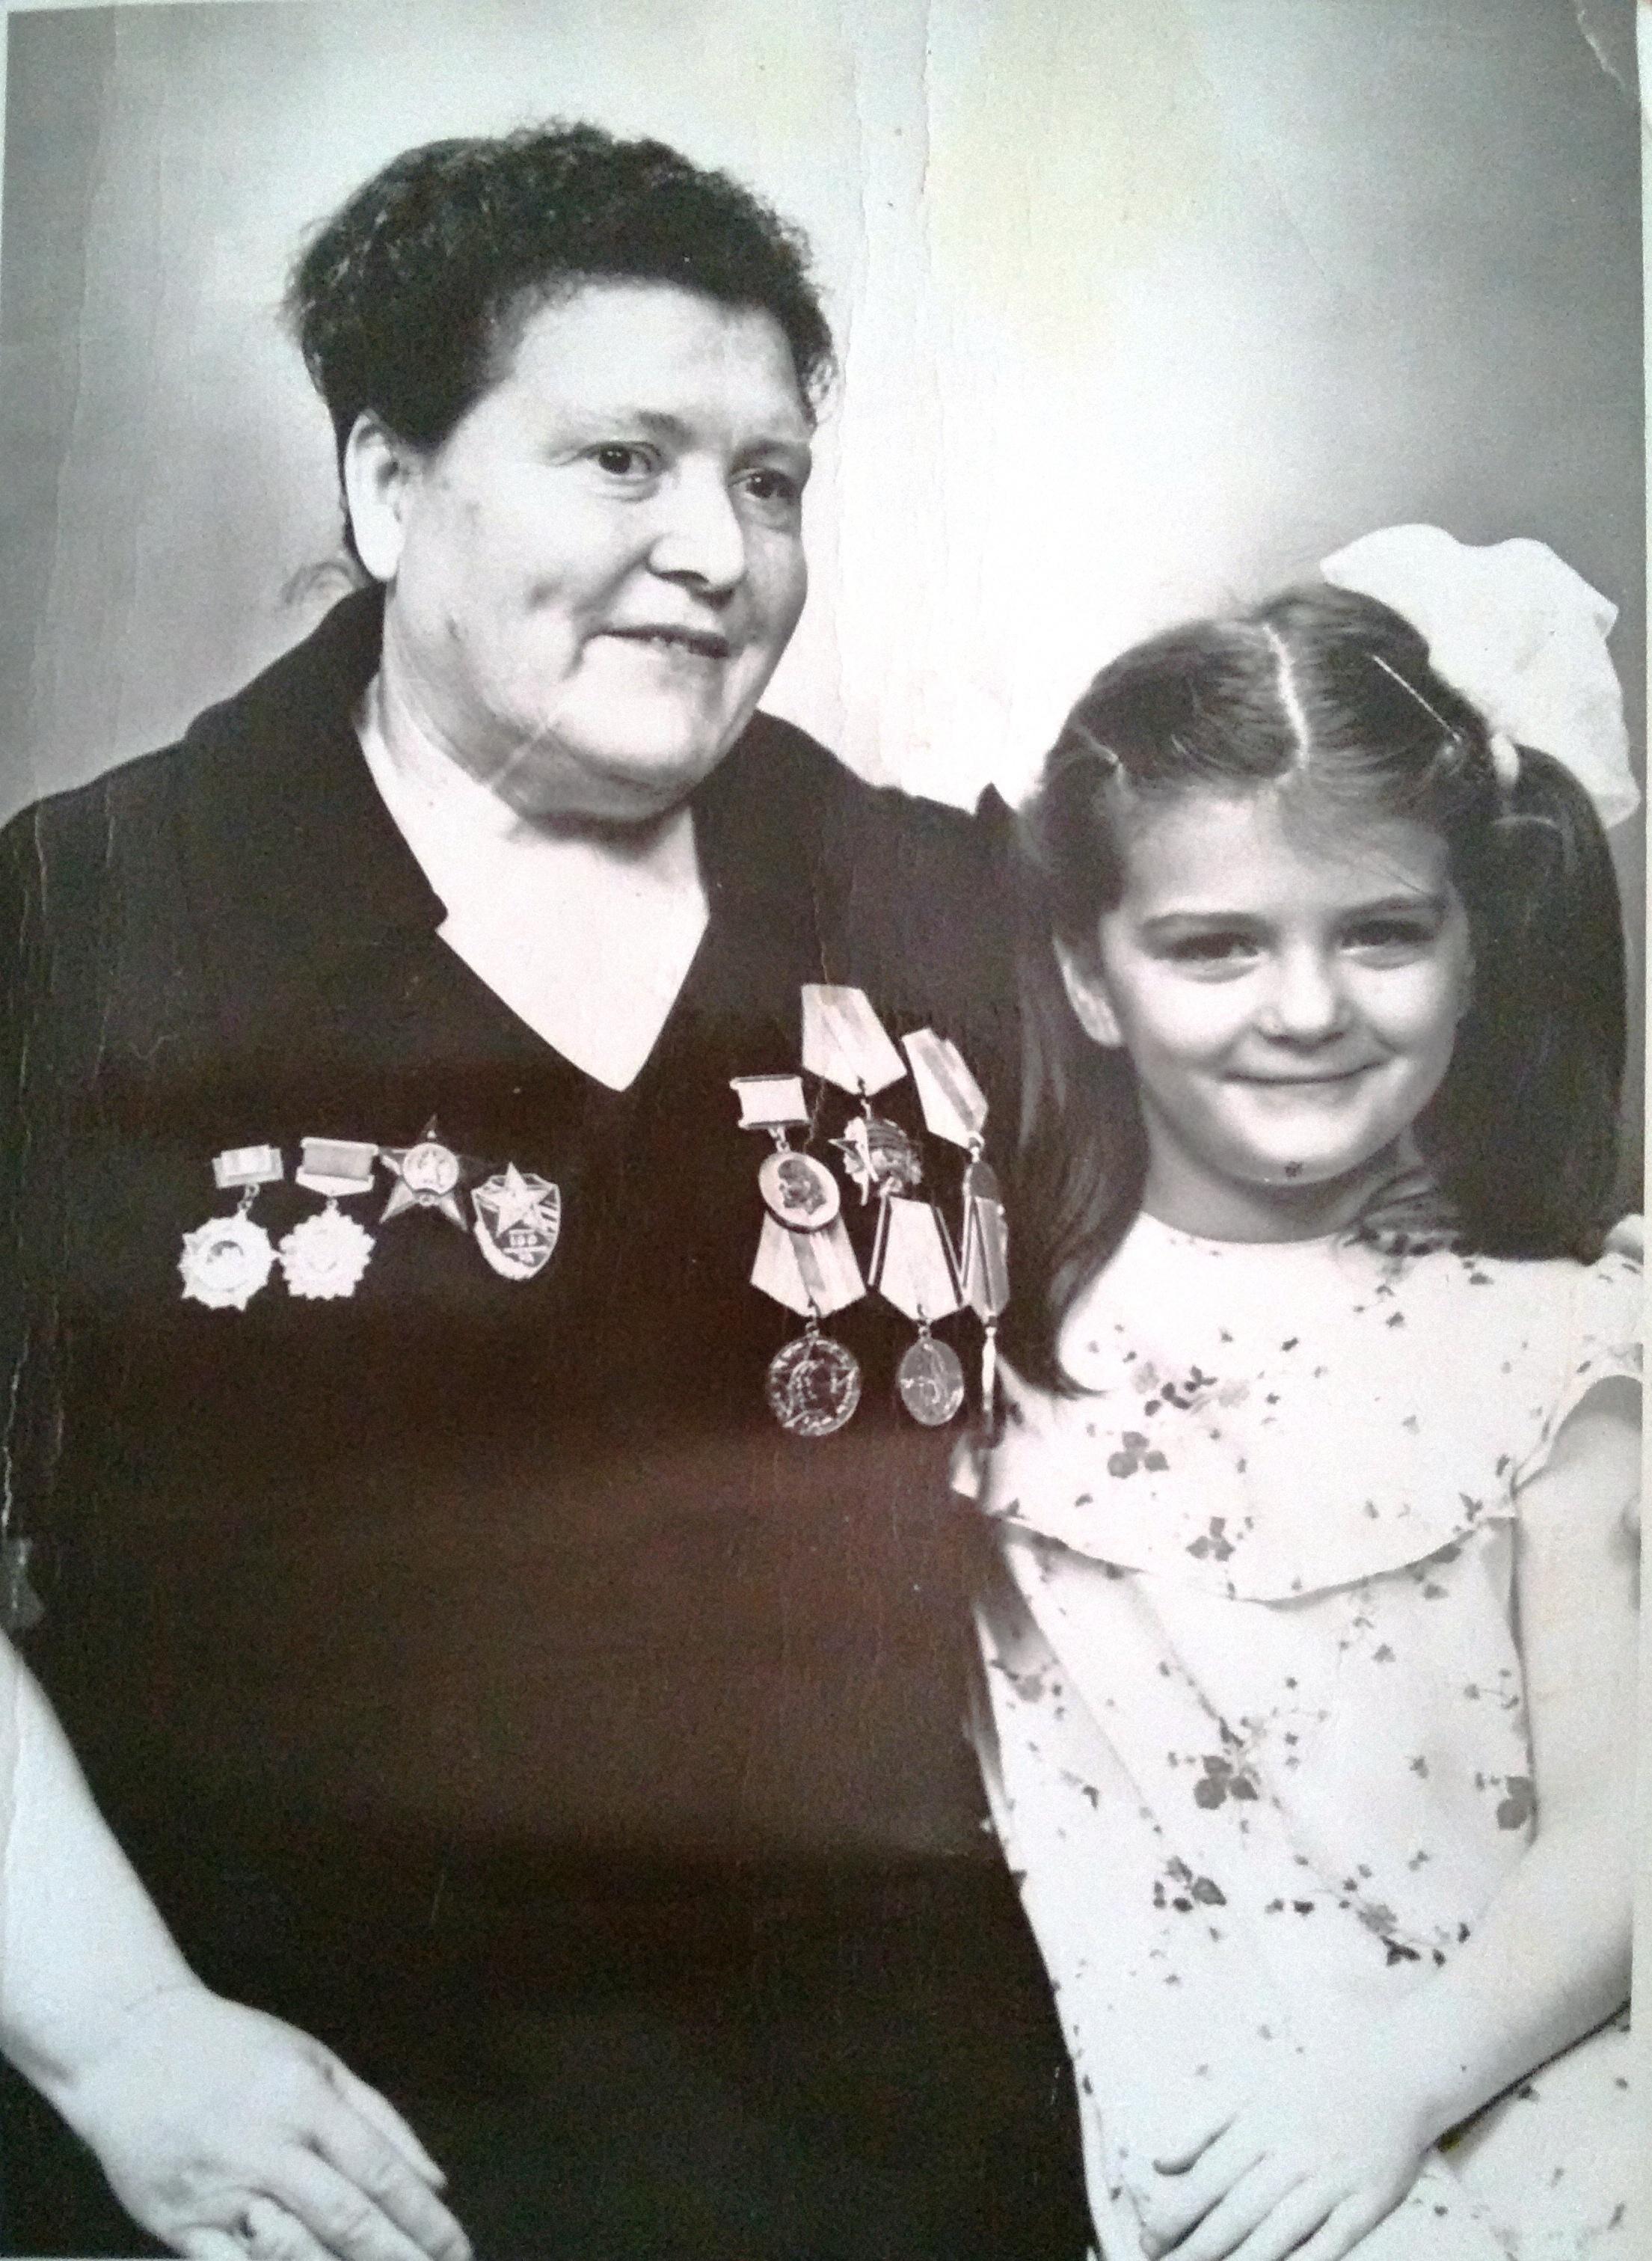 cec8a51d Награждена орденом Красной Звезды, орденом Отечественной войны II ст.,  орденом Октябрьской революции, медалью за освобождения Таганрога и другими.